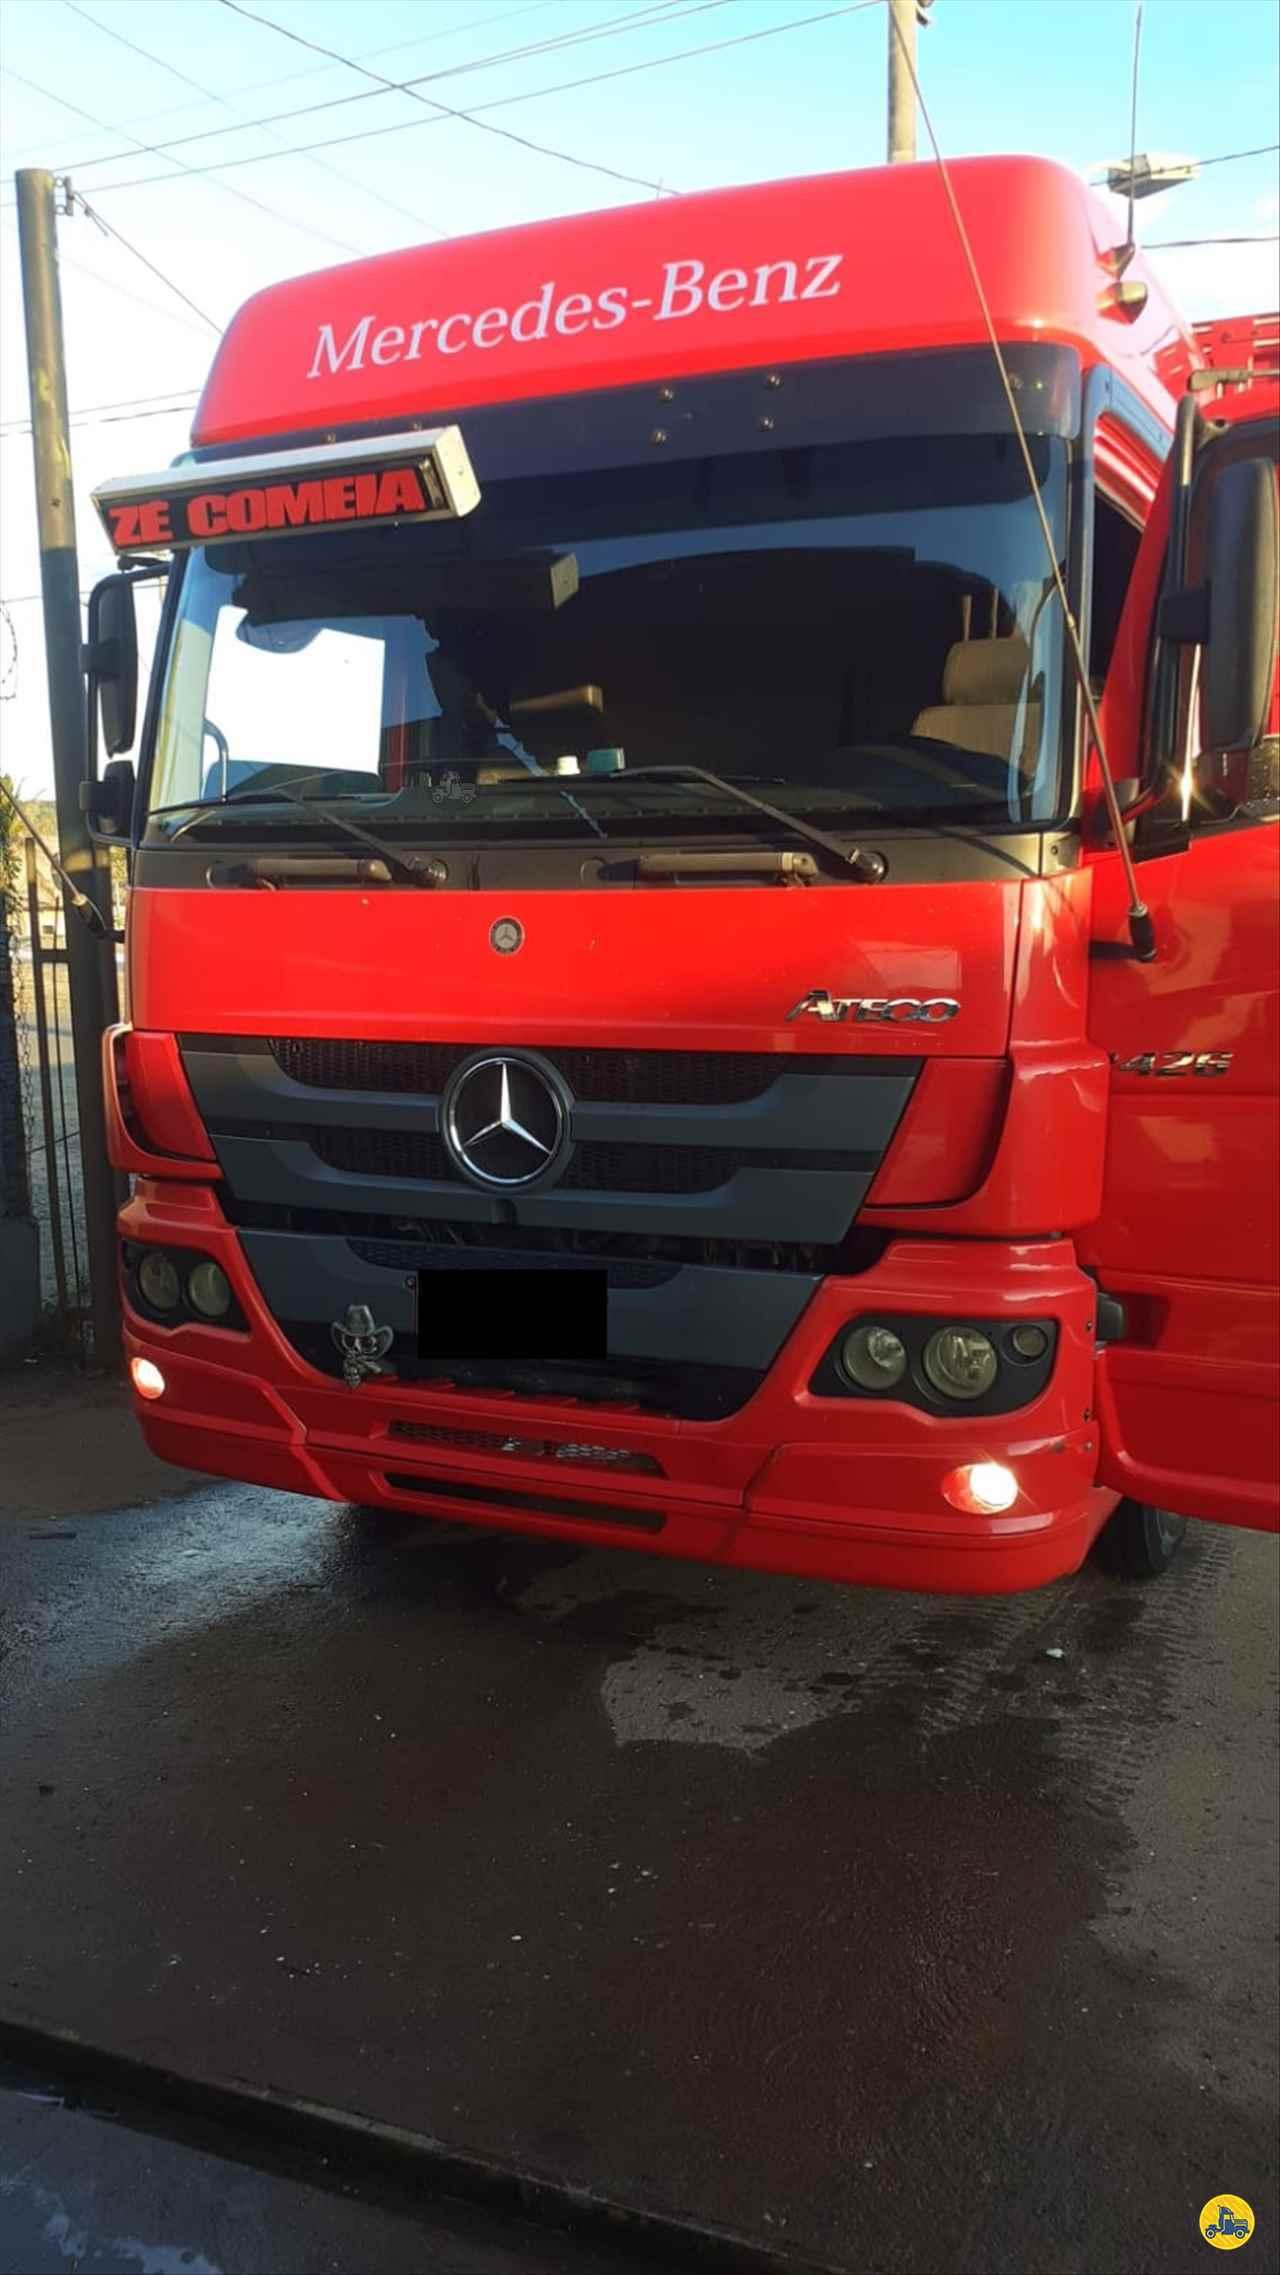 CAMINHAO MERCEDES-BENZ MB 2426 Carga Seca Truck 6x2 Ebenezer Caminhões e Carretas CAPAO BONITO SÃO PAULO SP